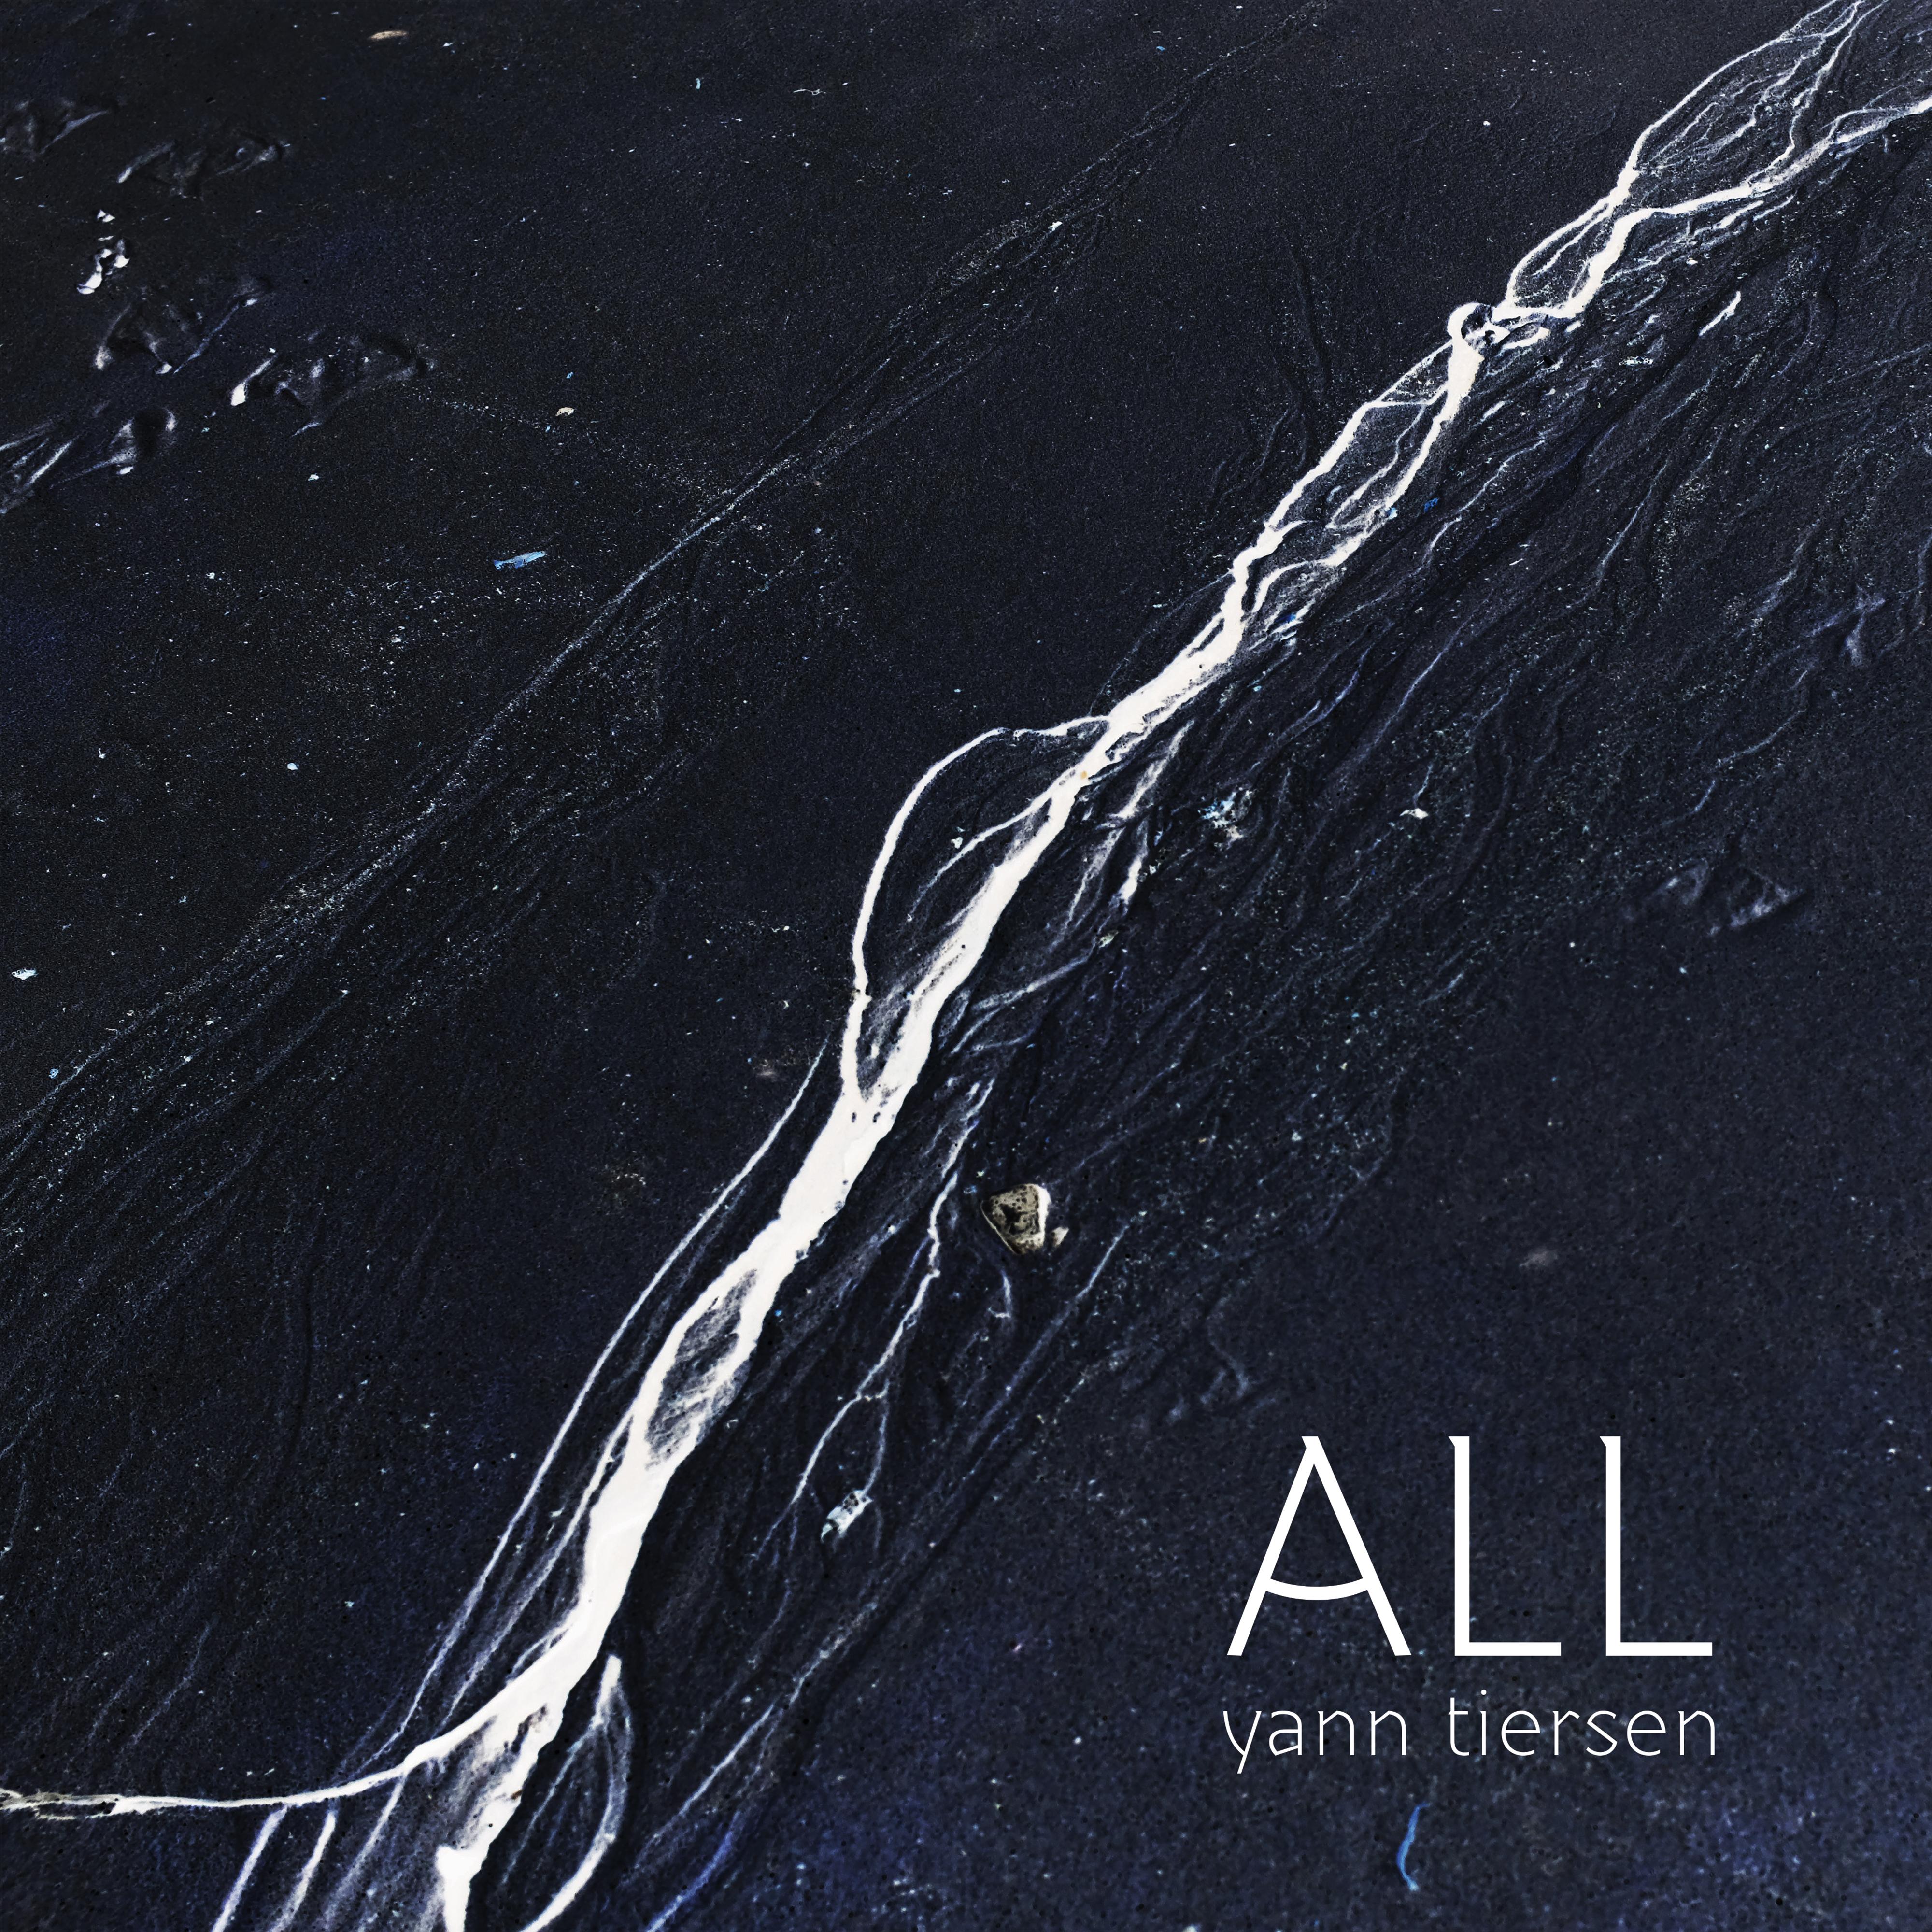 Mute Records • Yann Tiersen • Announces New Album 'All